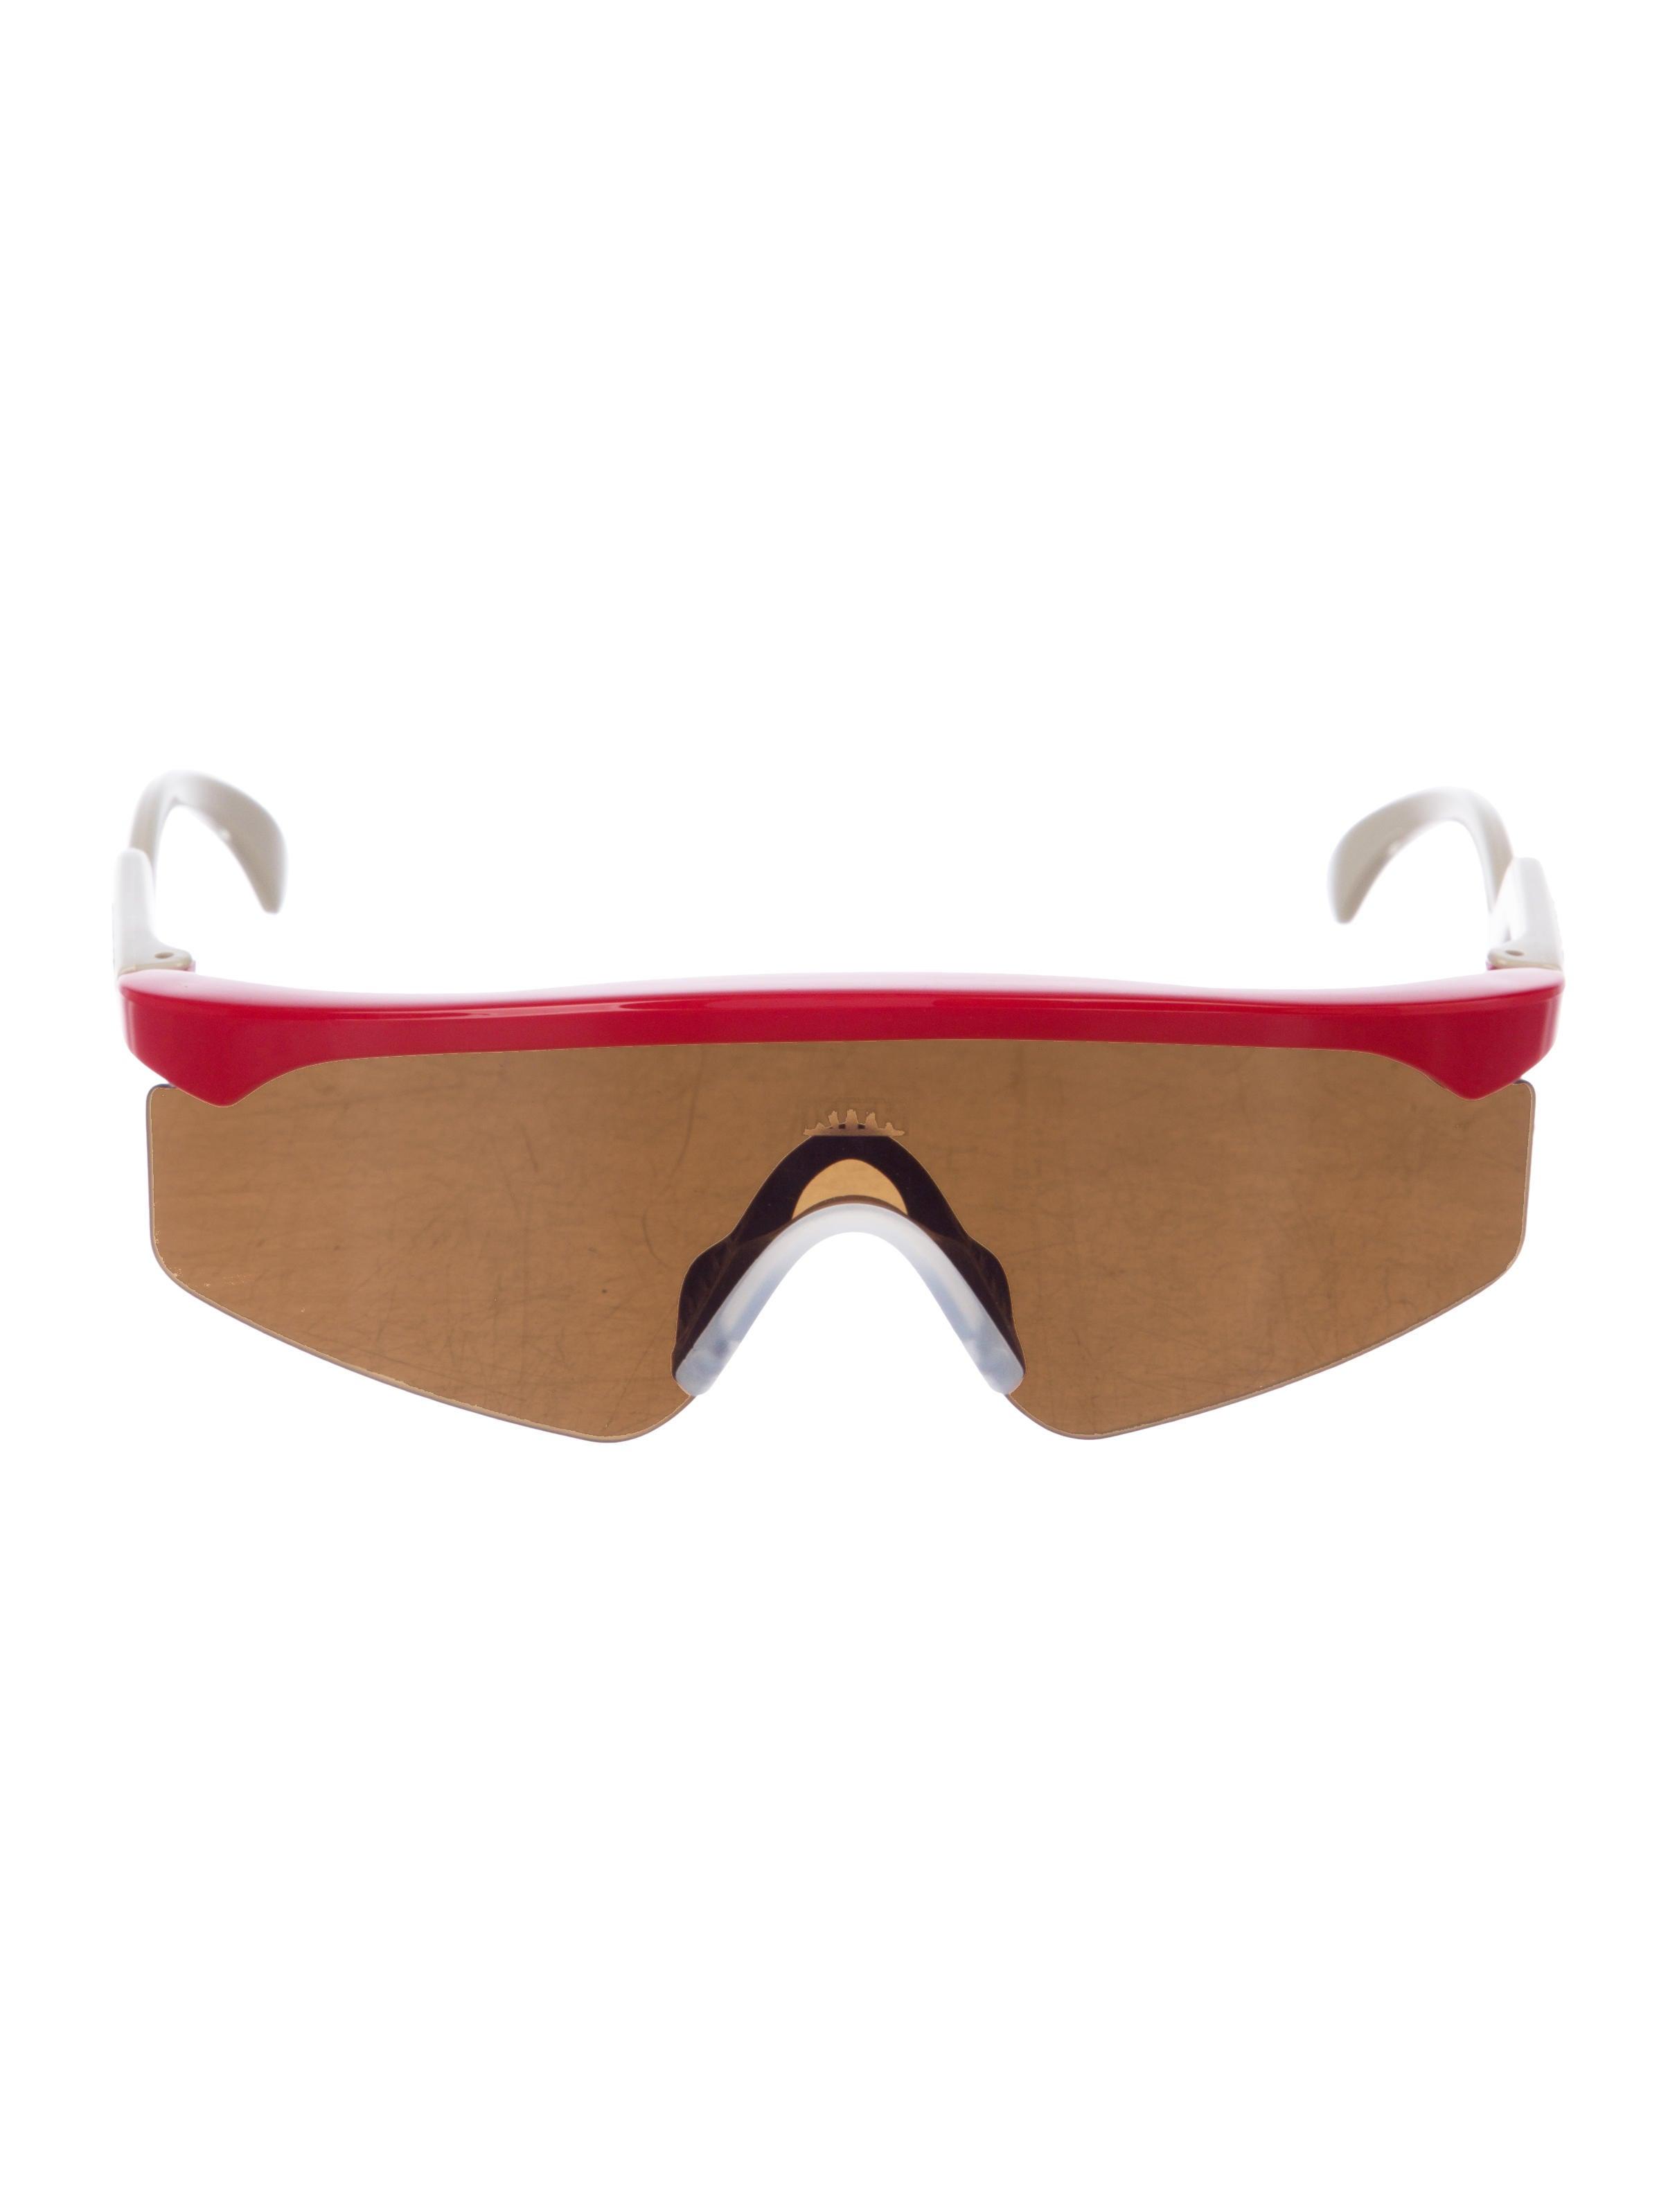 e8449fa119ec4 KITH x Oakley 2018 Razorblade Shield Sunglasses - Accessories ...